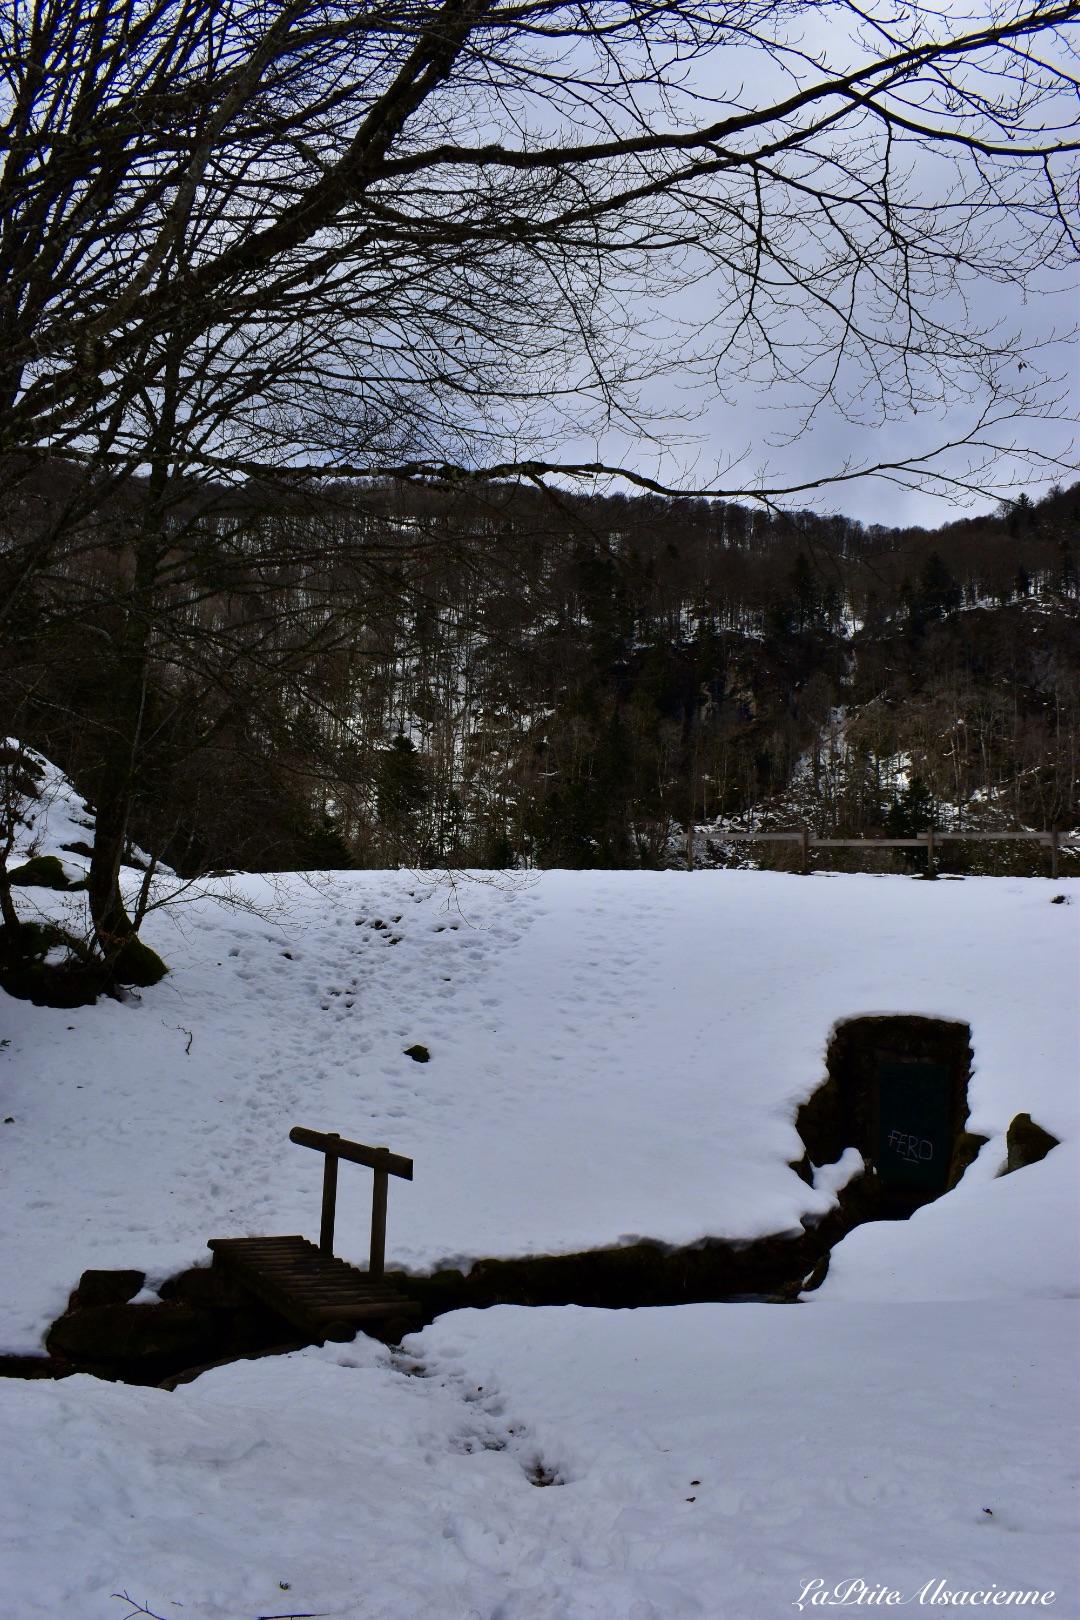 sentier sous les sapins menant a l ebeneck